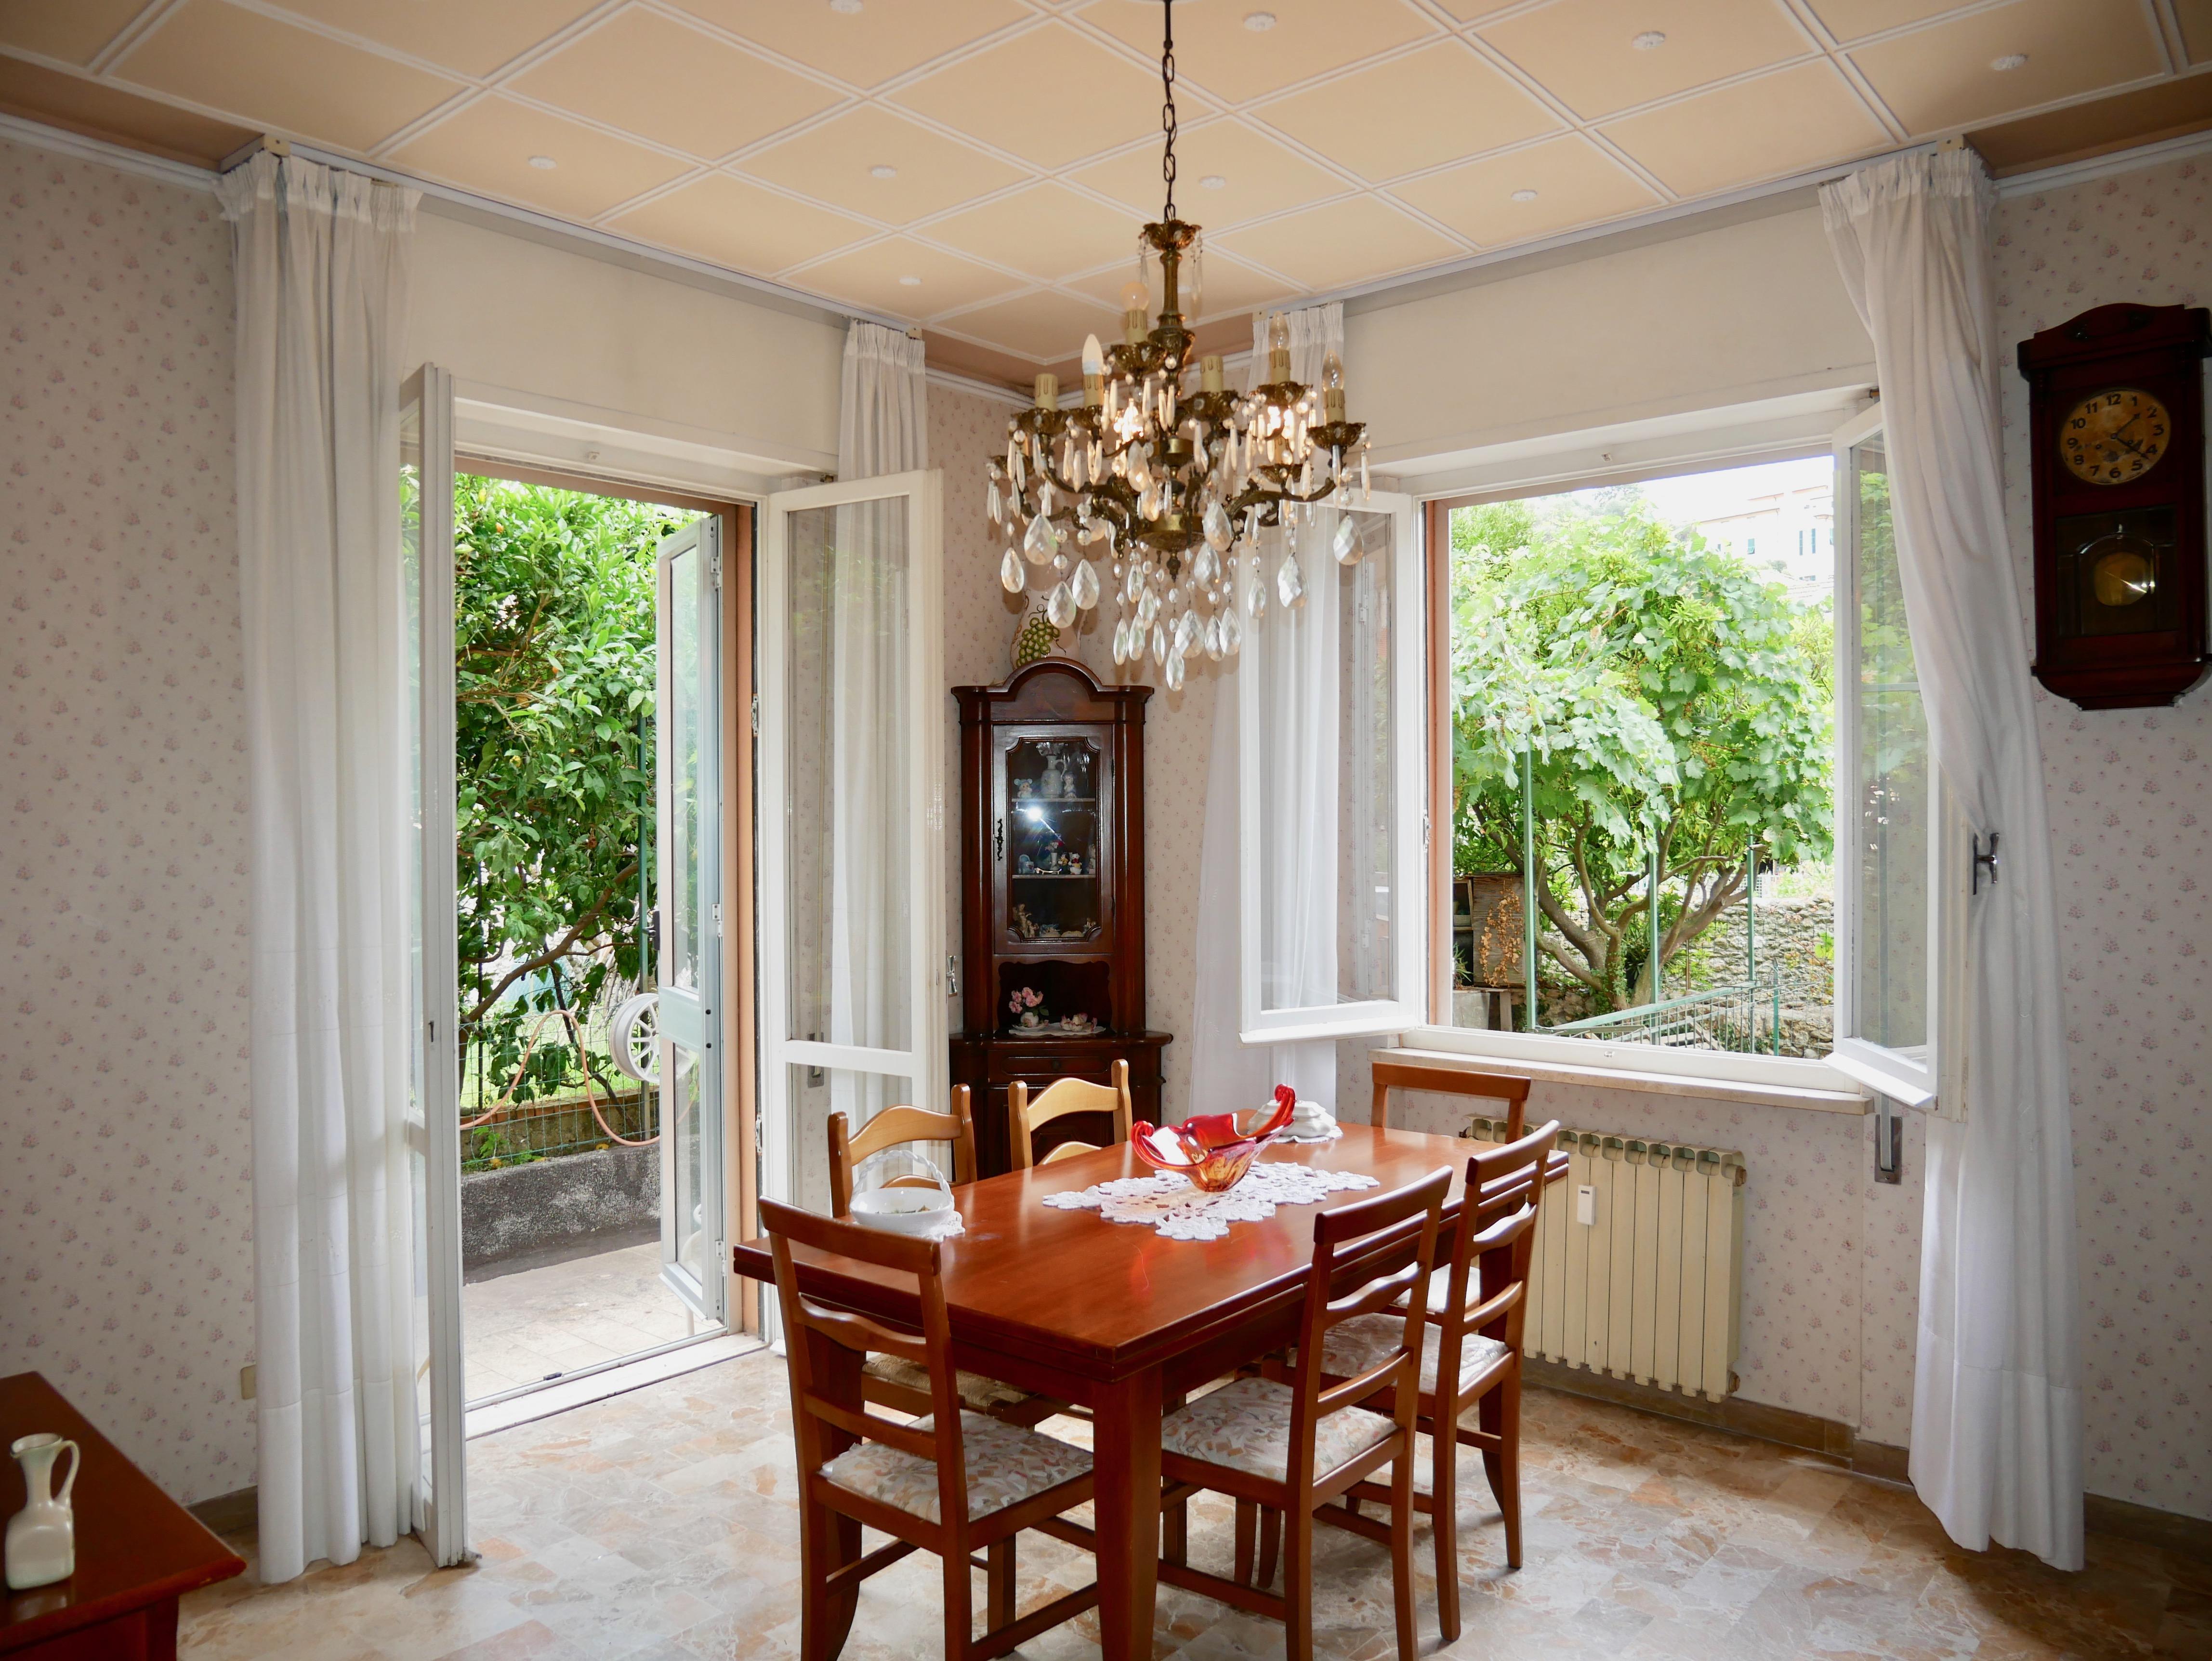 Spazioso appartamento in vendita a Finalborgo